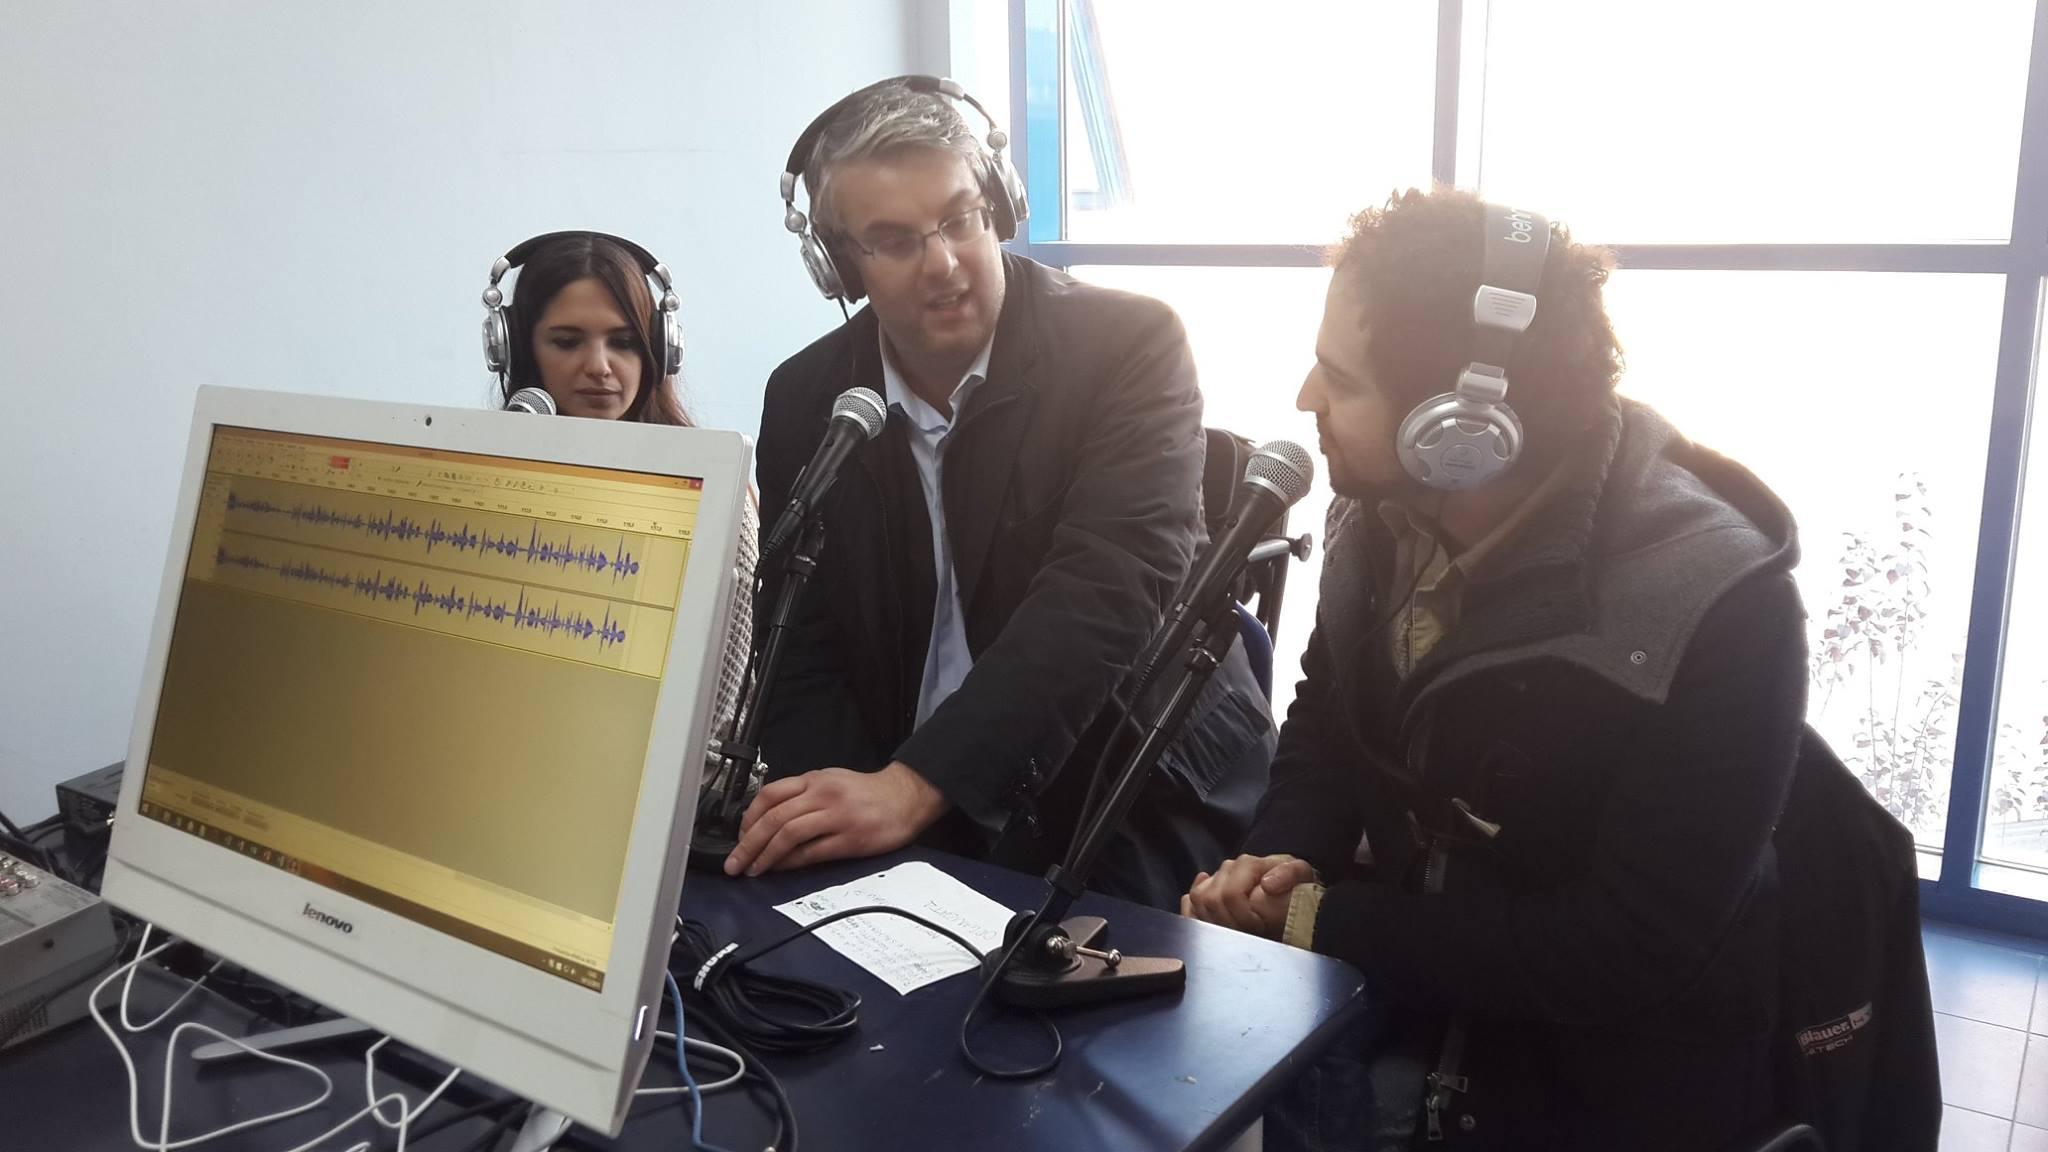 Contro la Camorra a San Giorgio si inaugura la web Radio dedicata a Paolino Avella, vittima della criminalità organizzata